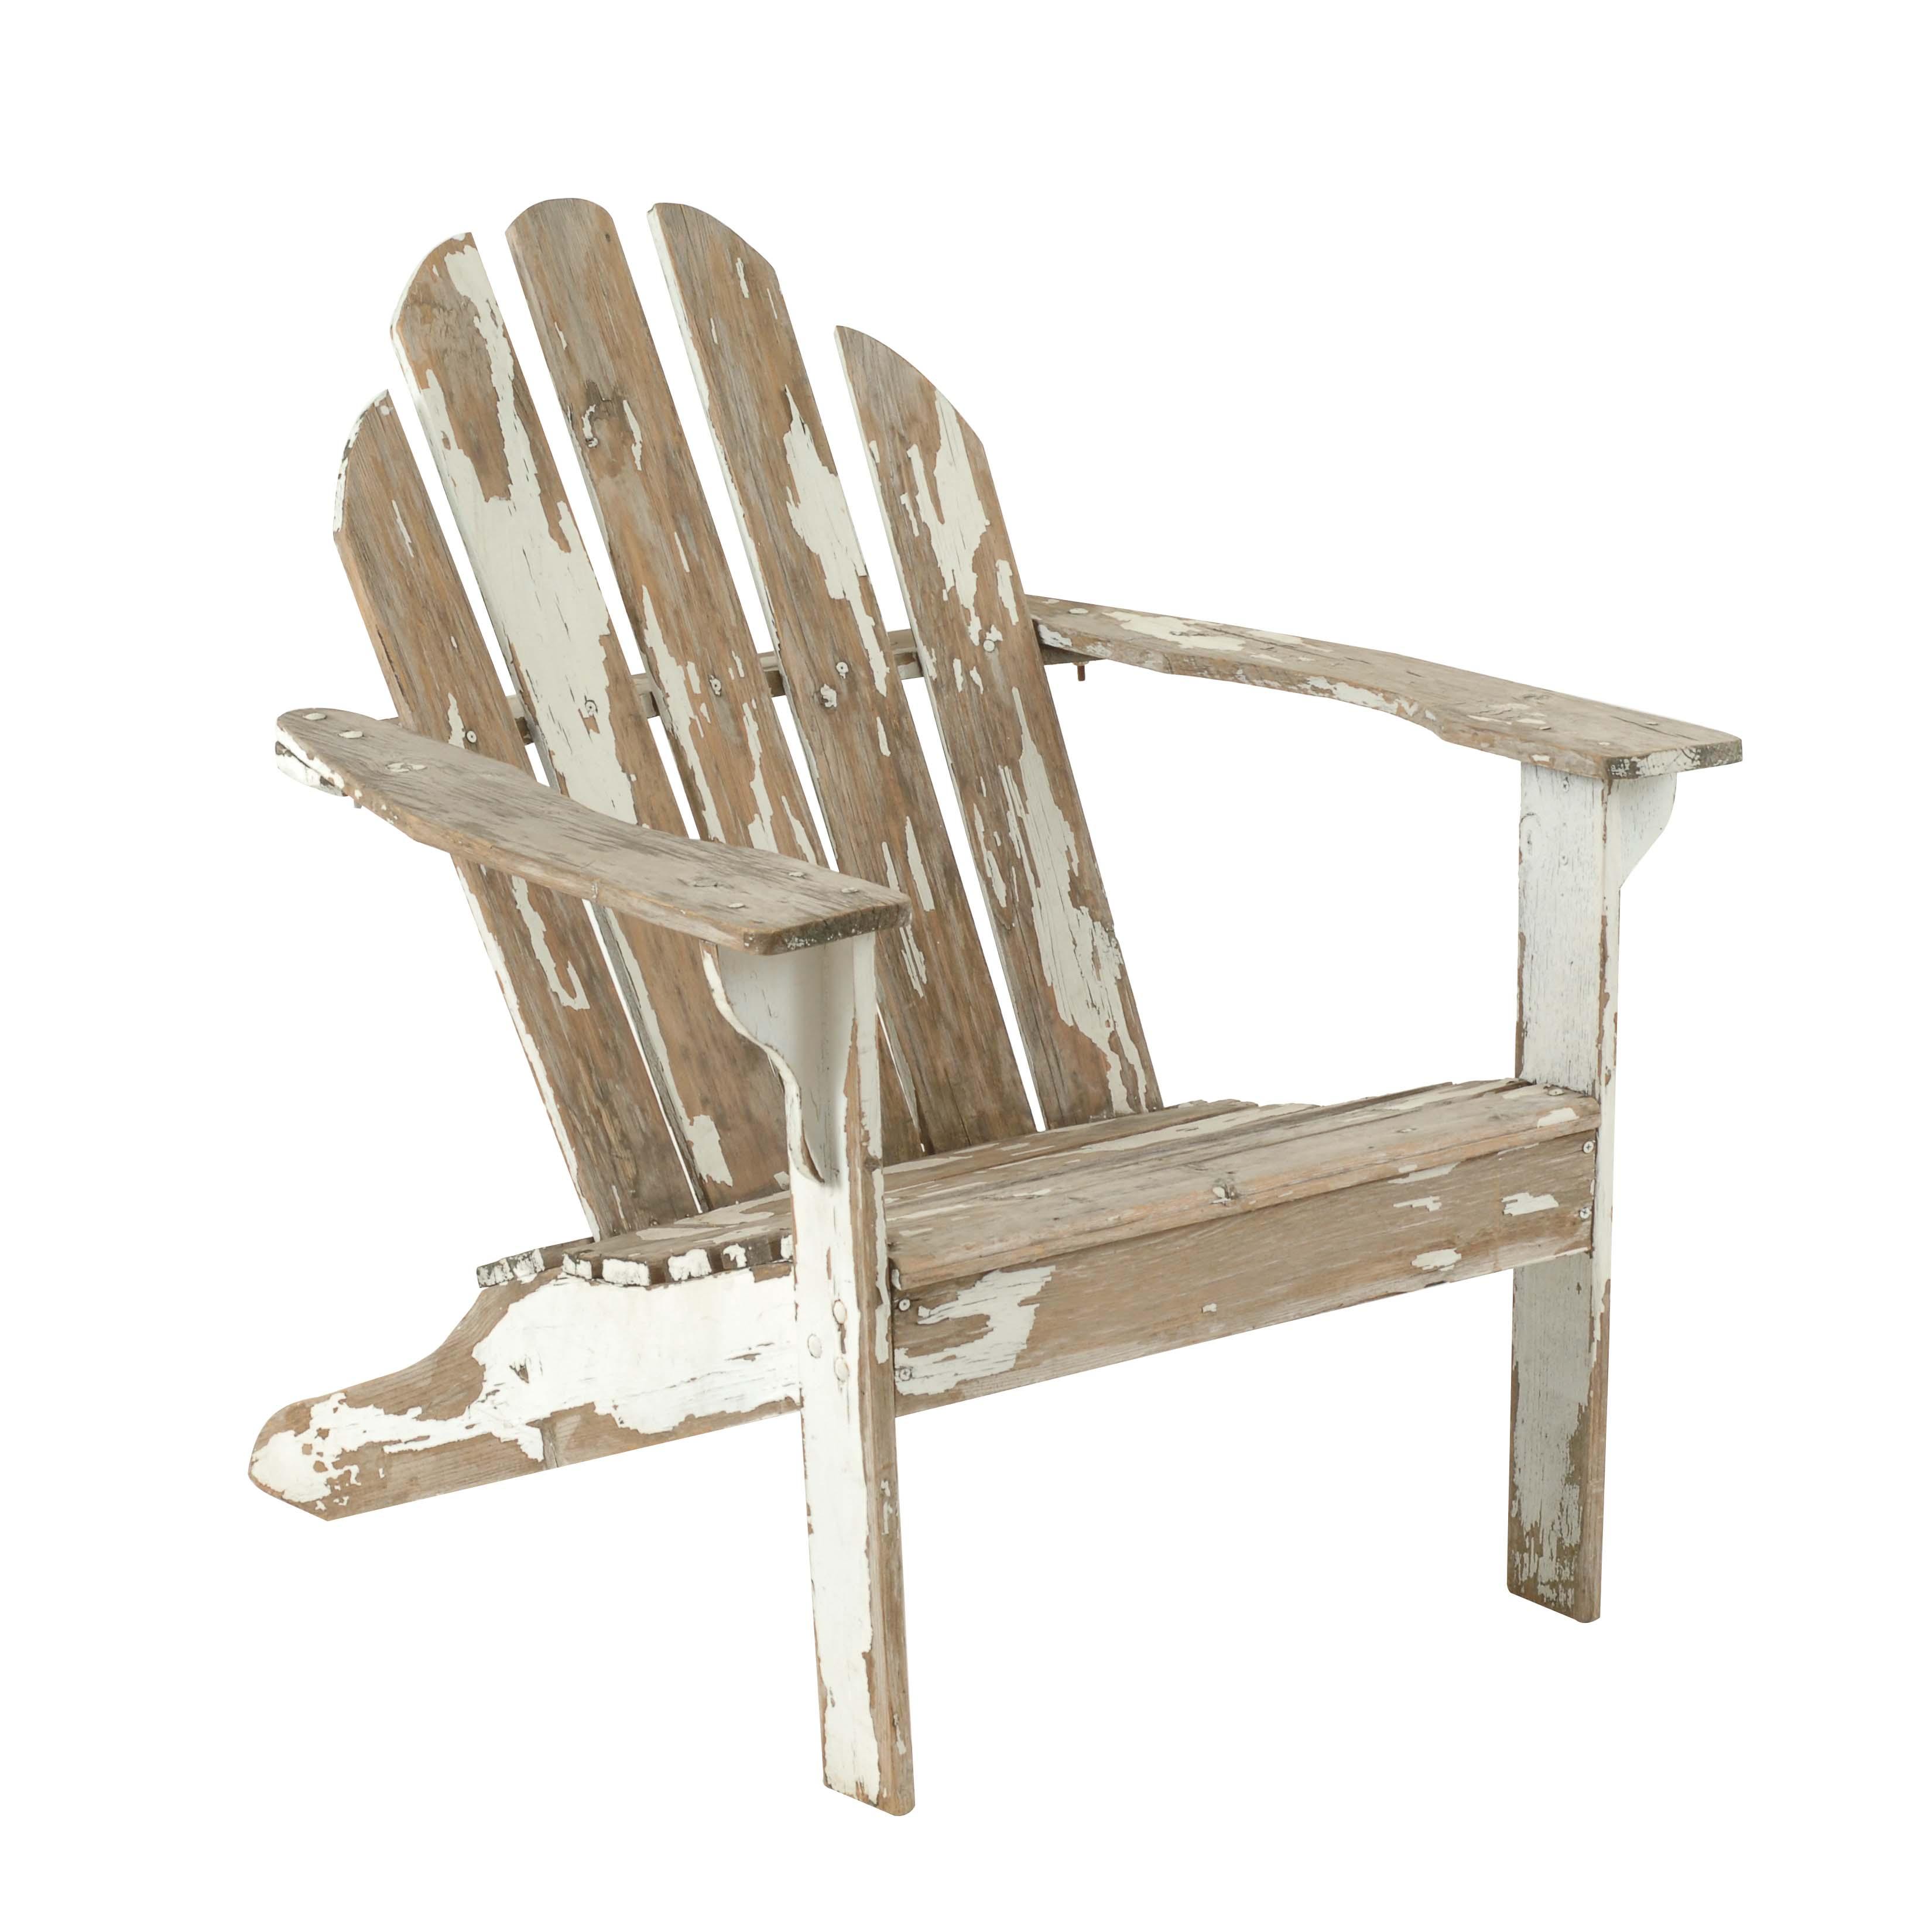 Brita Adirondack Chairs